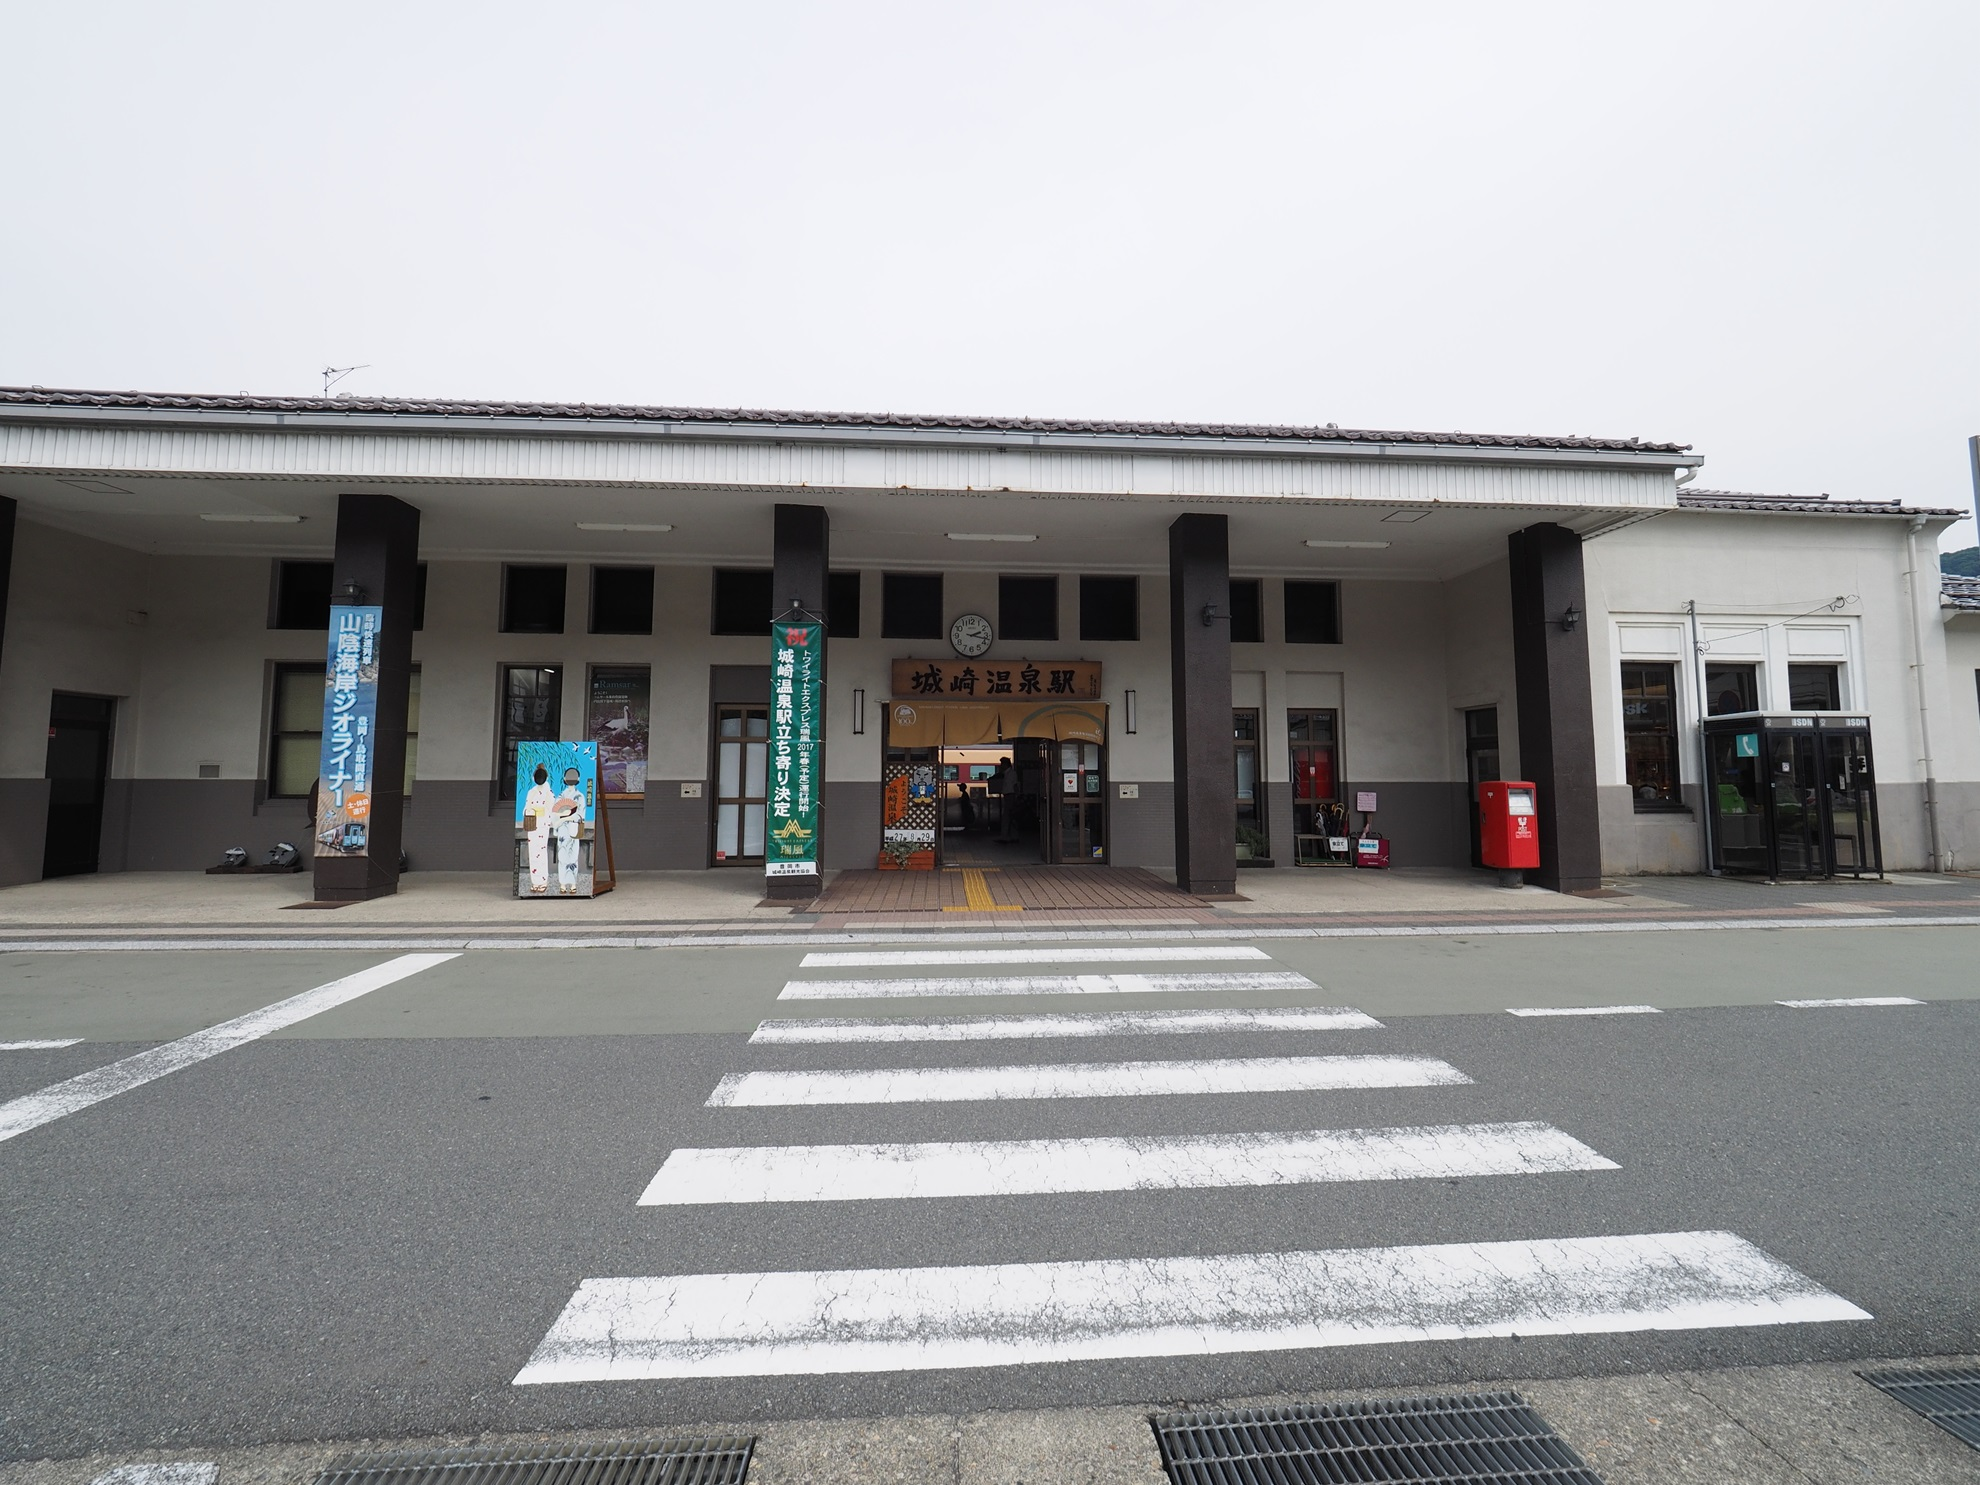 城崎温泉駅 駅舎